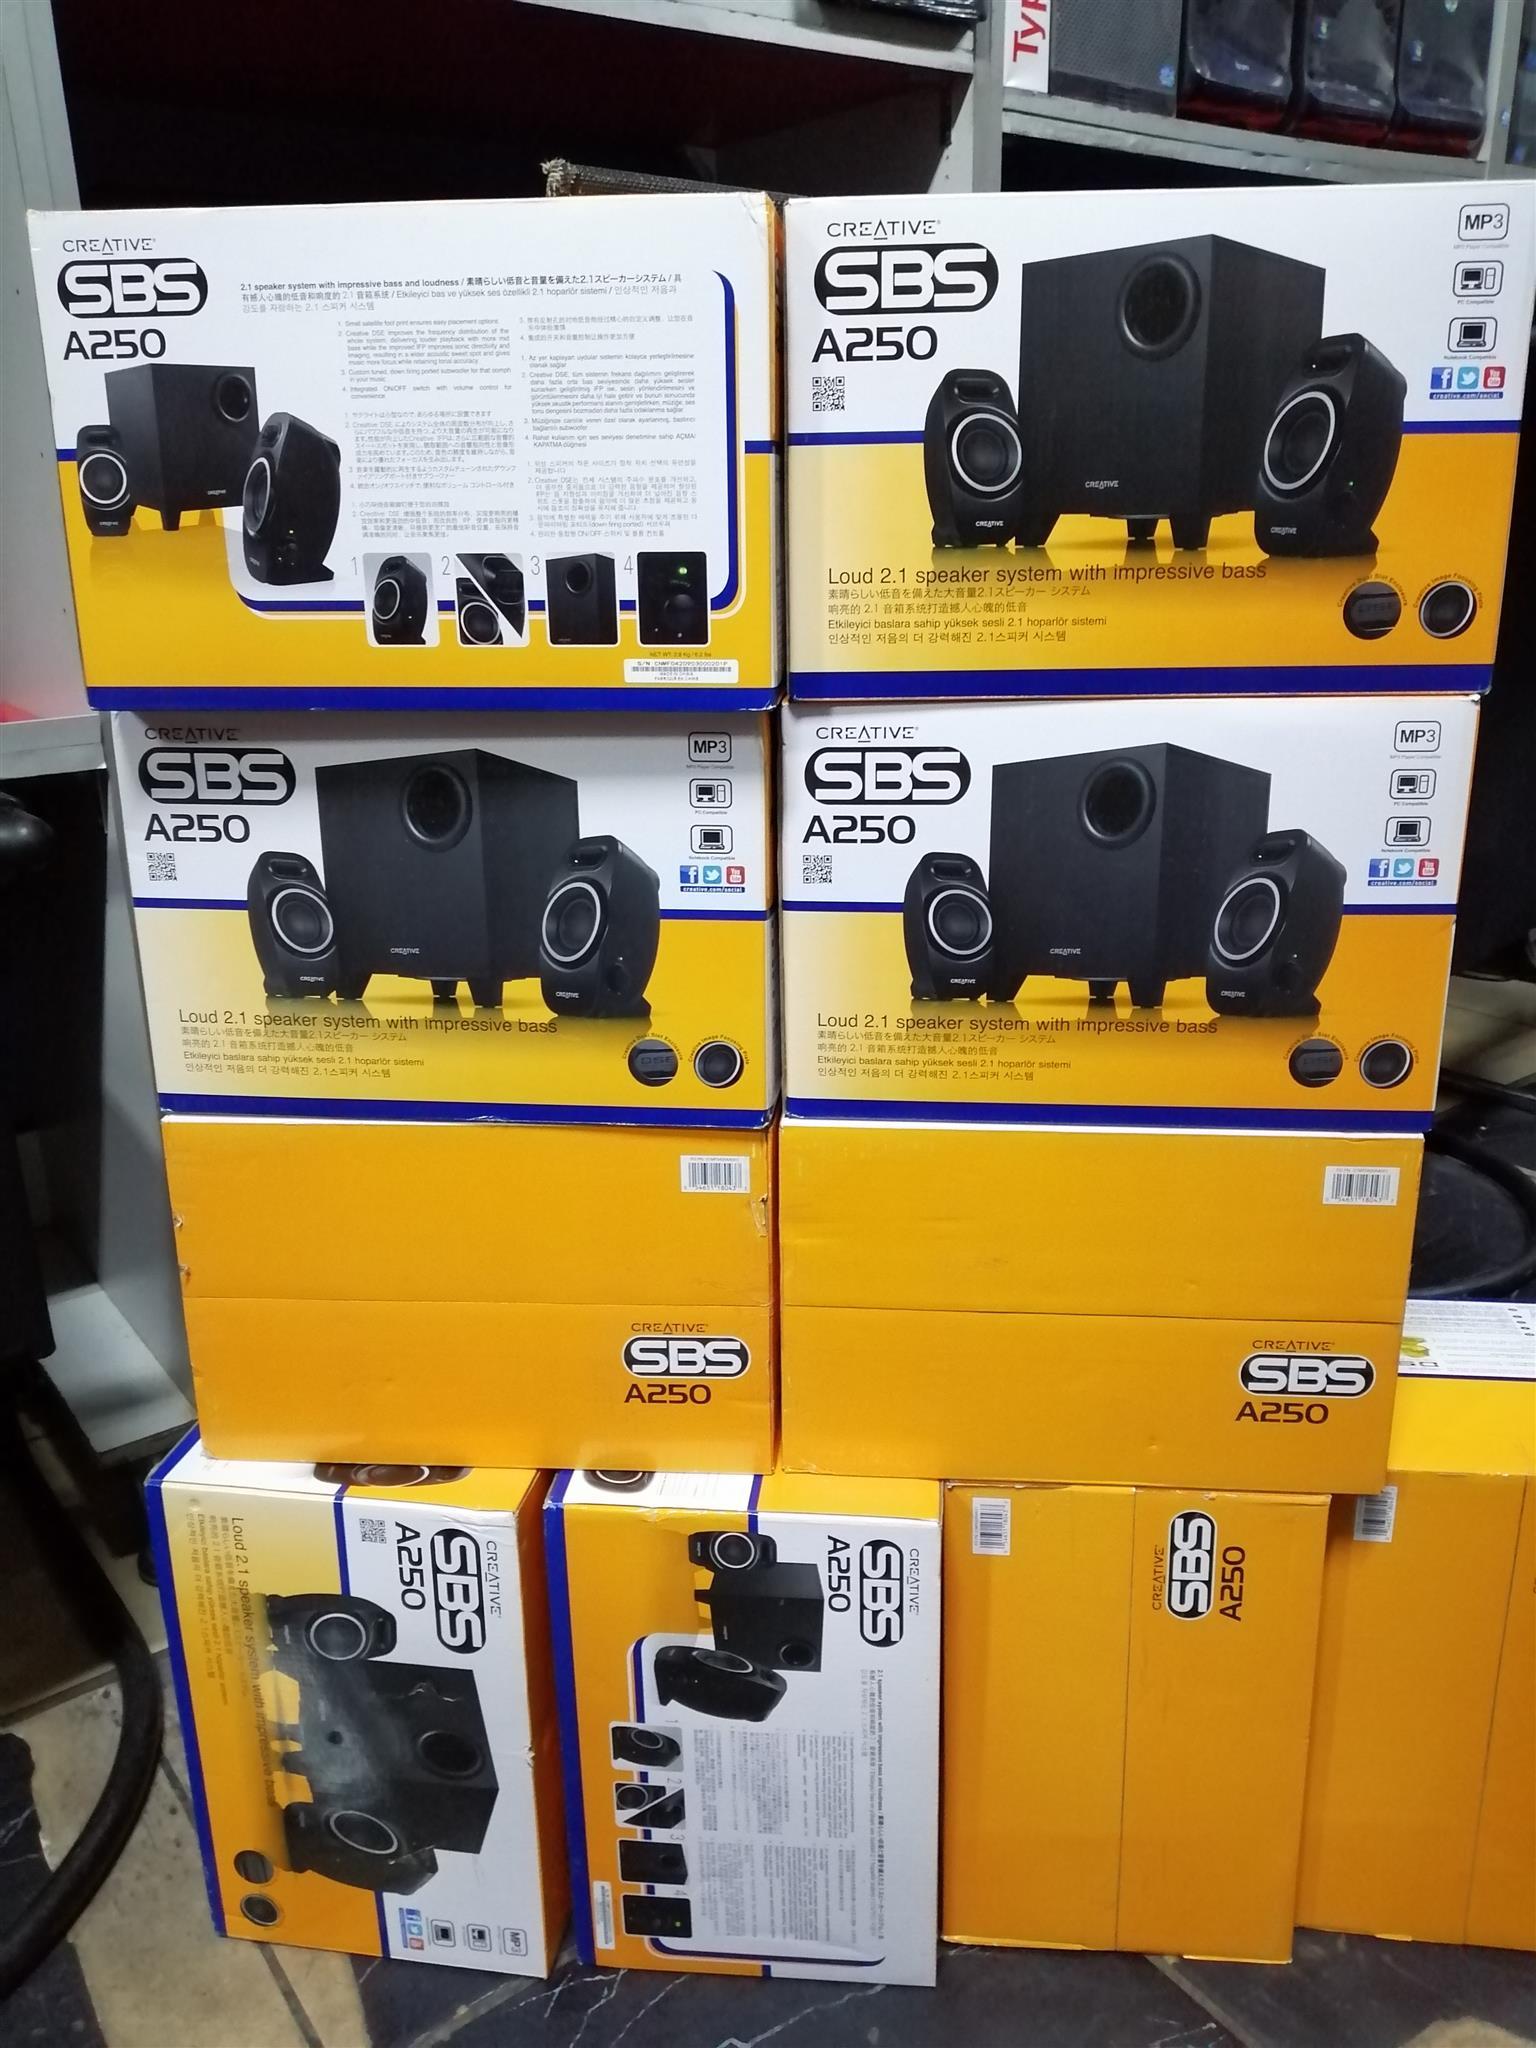 Creative SBS A250 2.1 Desktop Speakers - Black